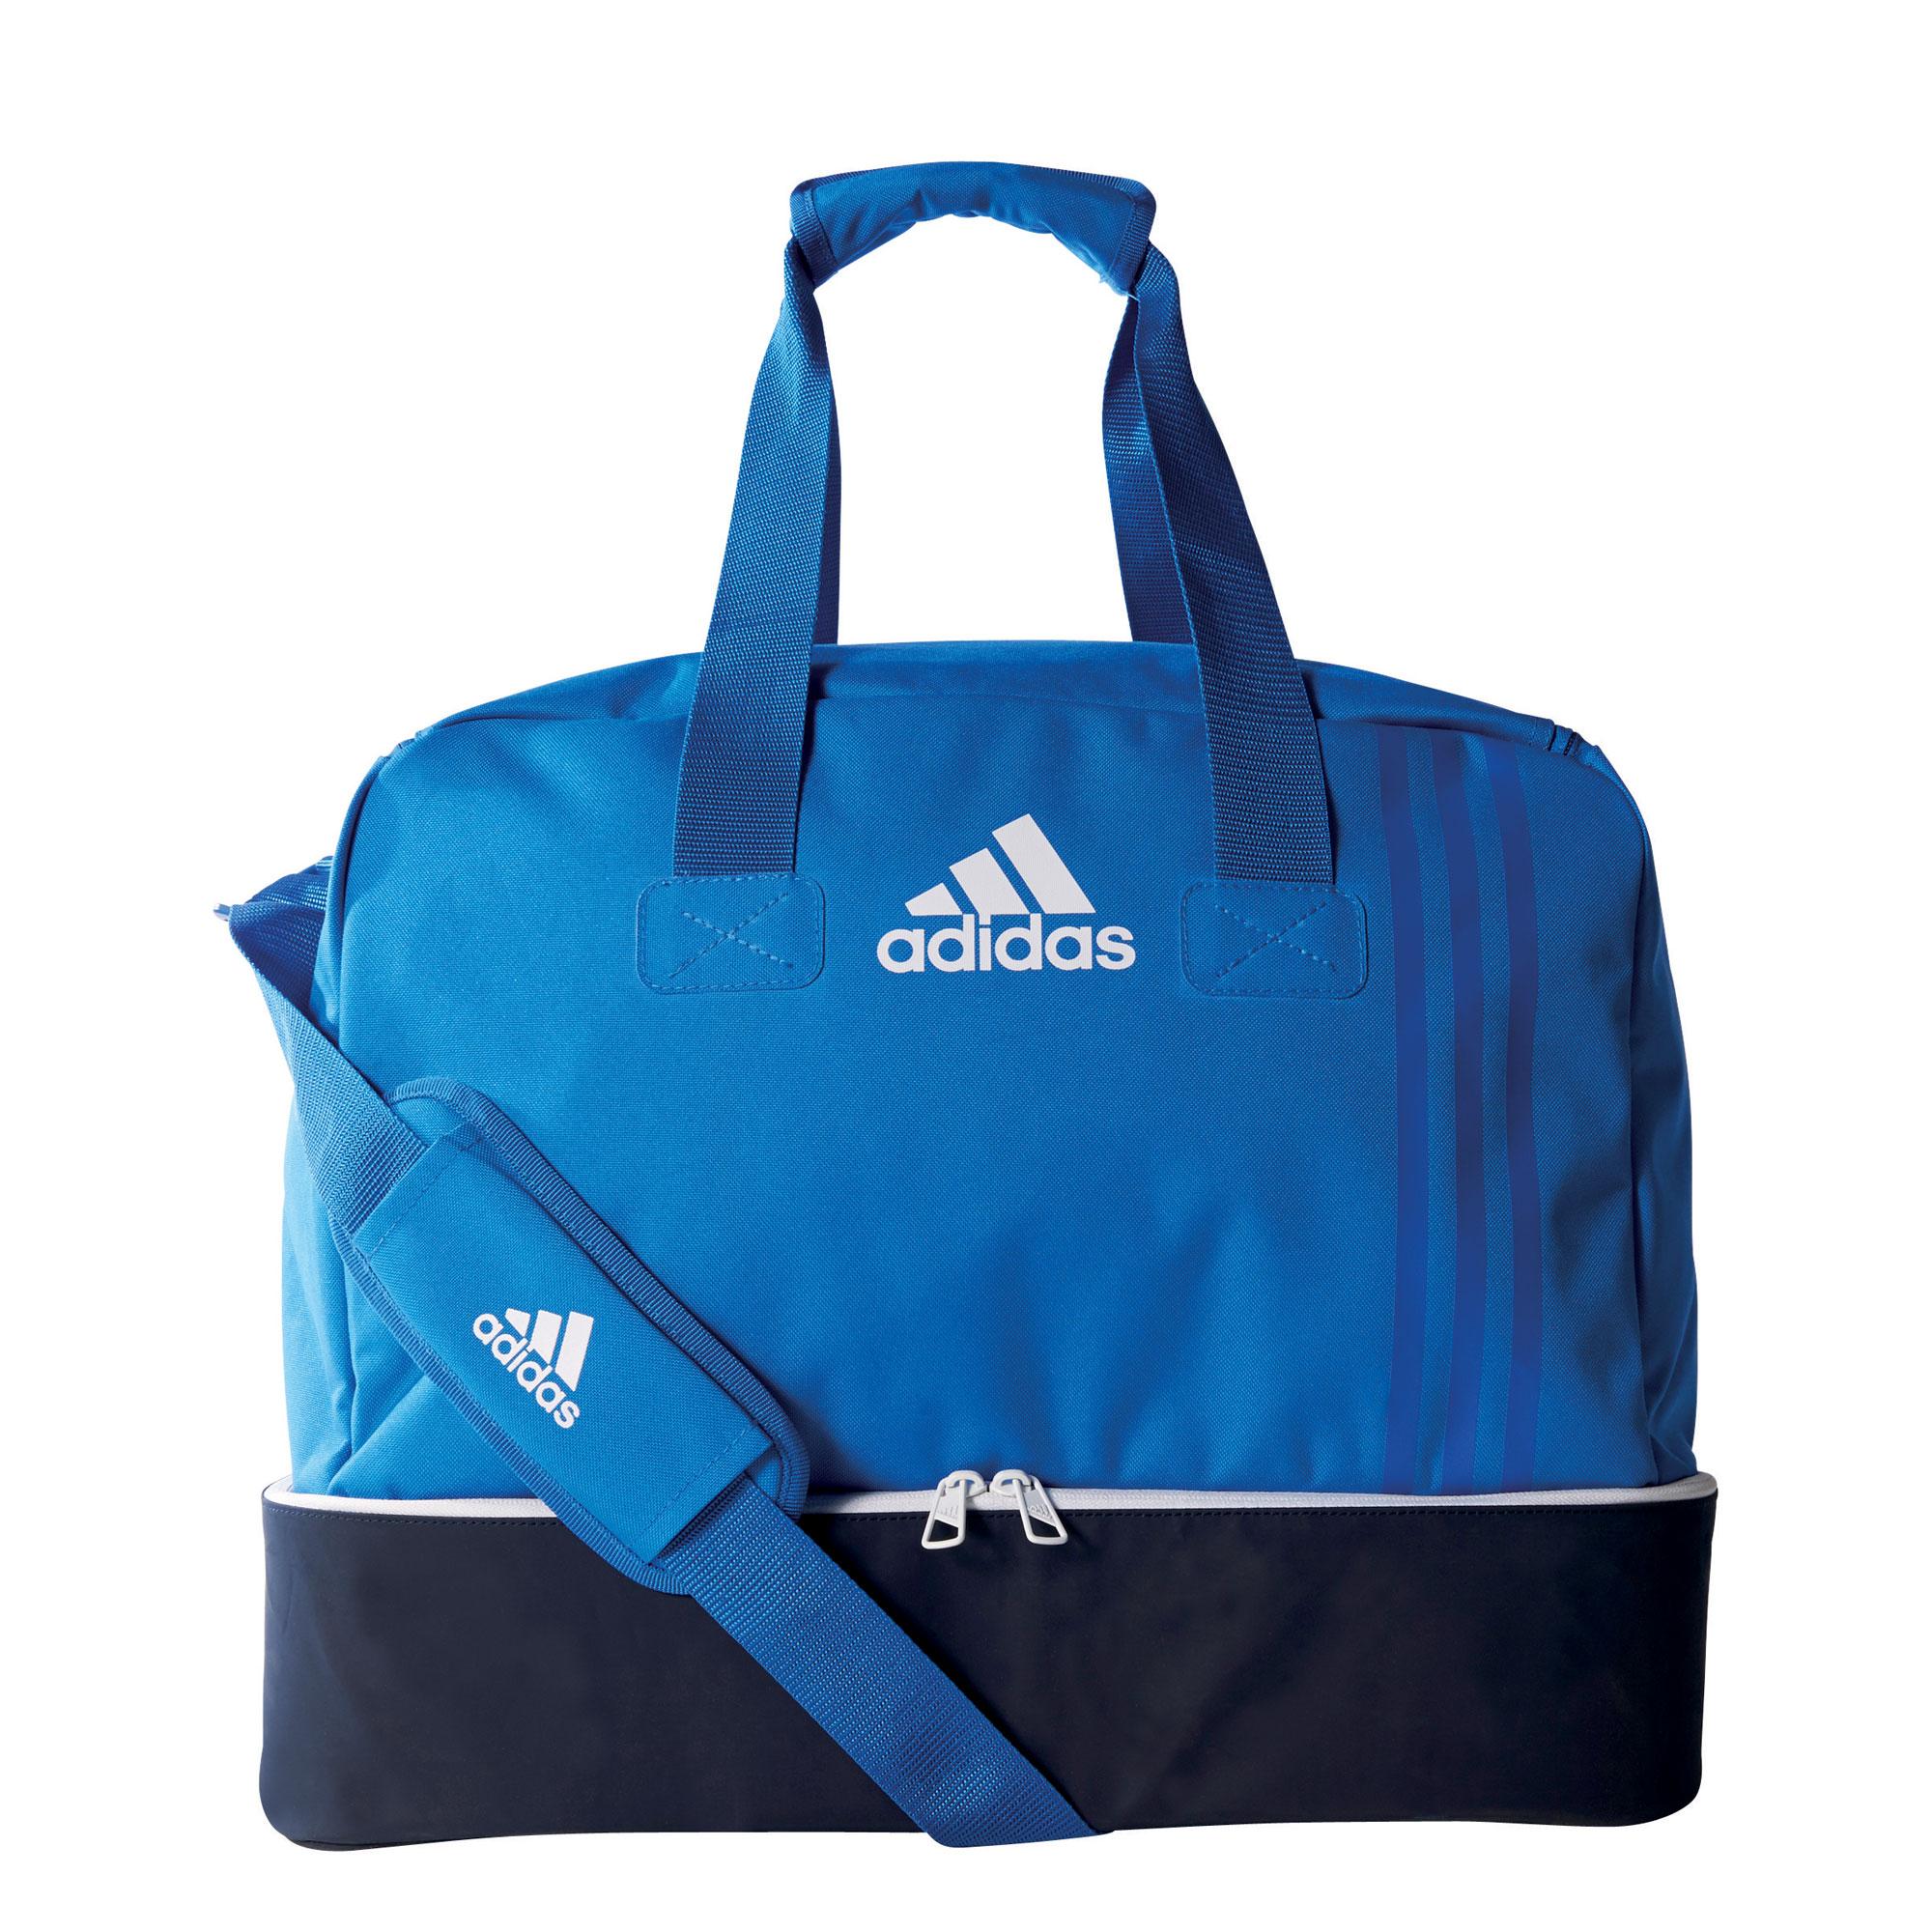 adidas Sporttasche Teambag mit Bodenfach Tiro 17 BS4752 M